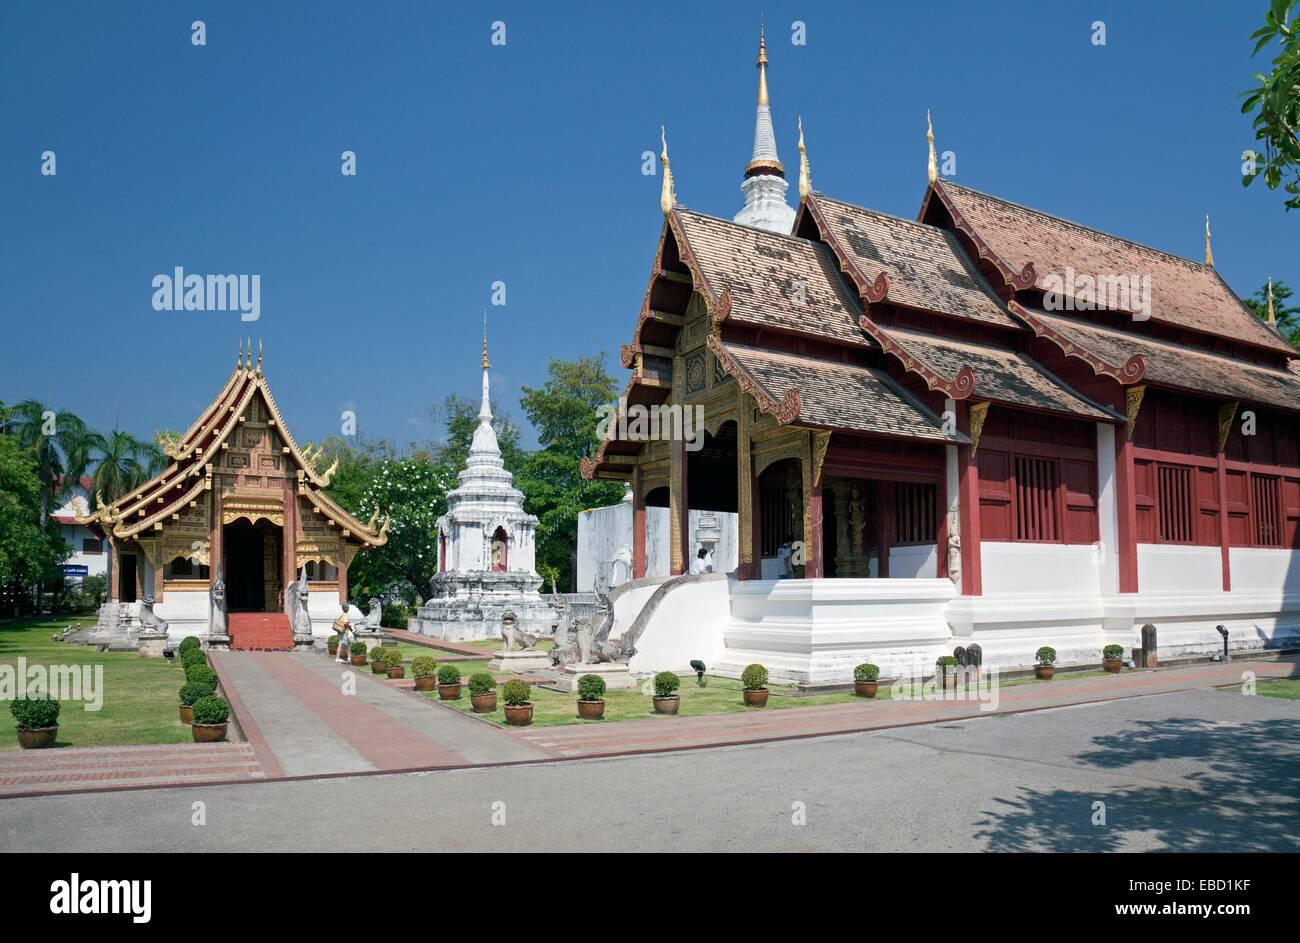 Lai Thai Stock Photos & Lai Thai Stock Images - Alamy